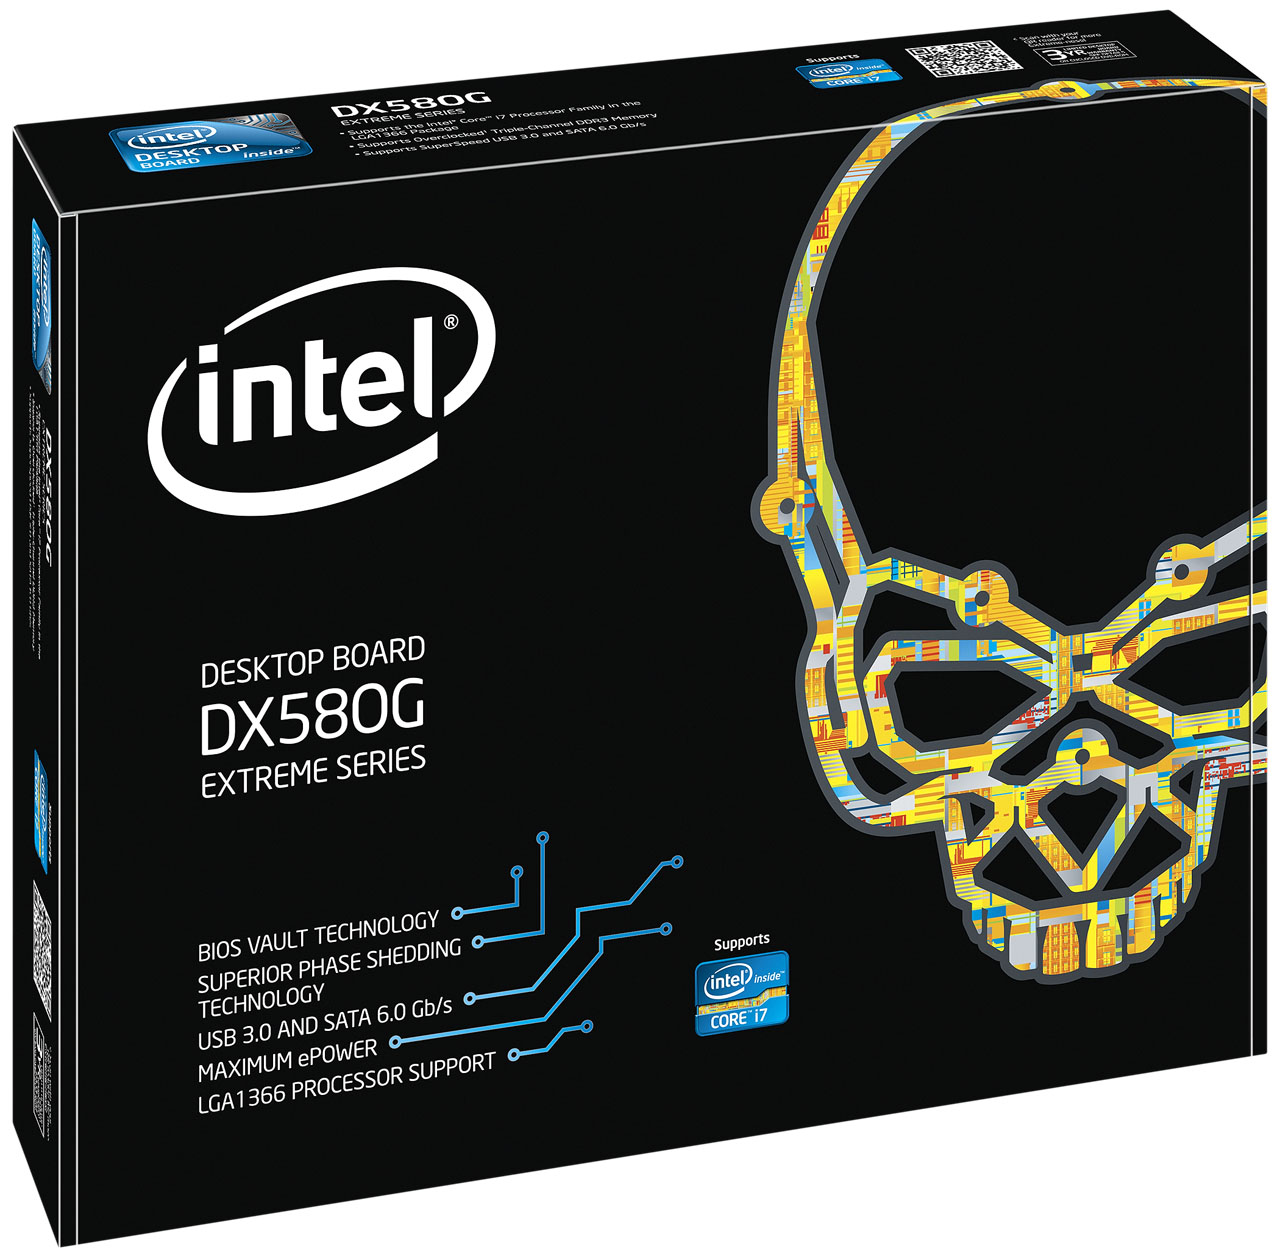 Intel DX58OG / DX58SO2 Express Windows 8 Driver Download